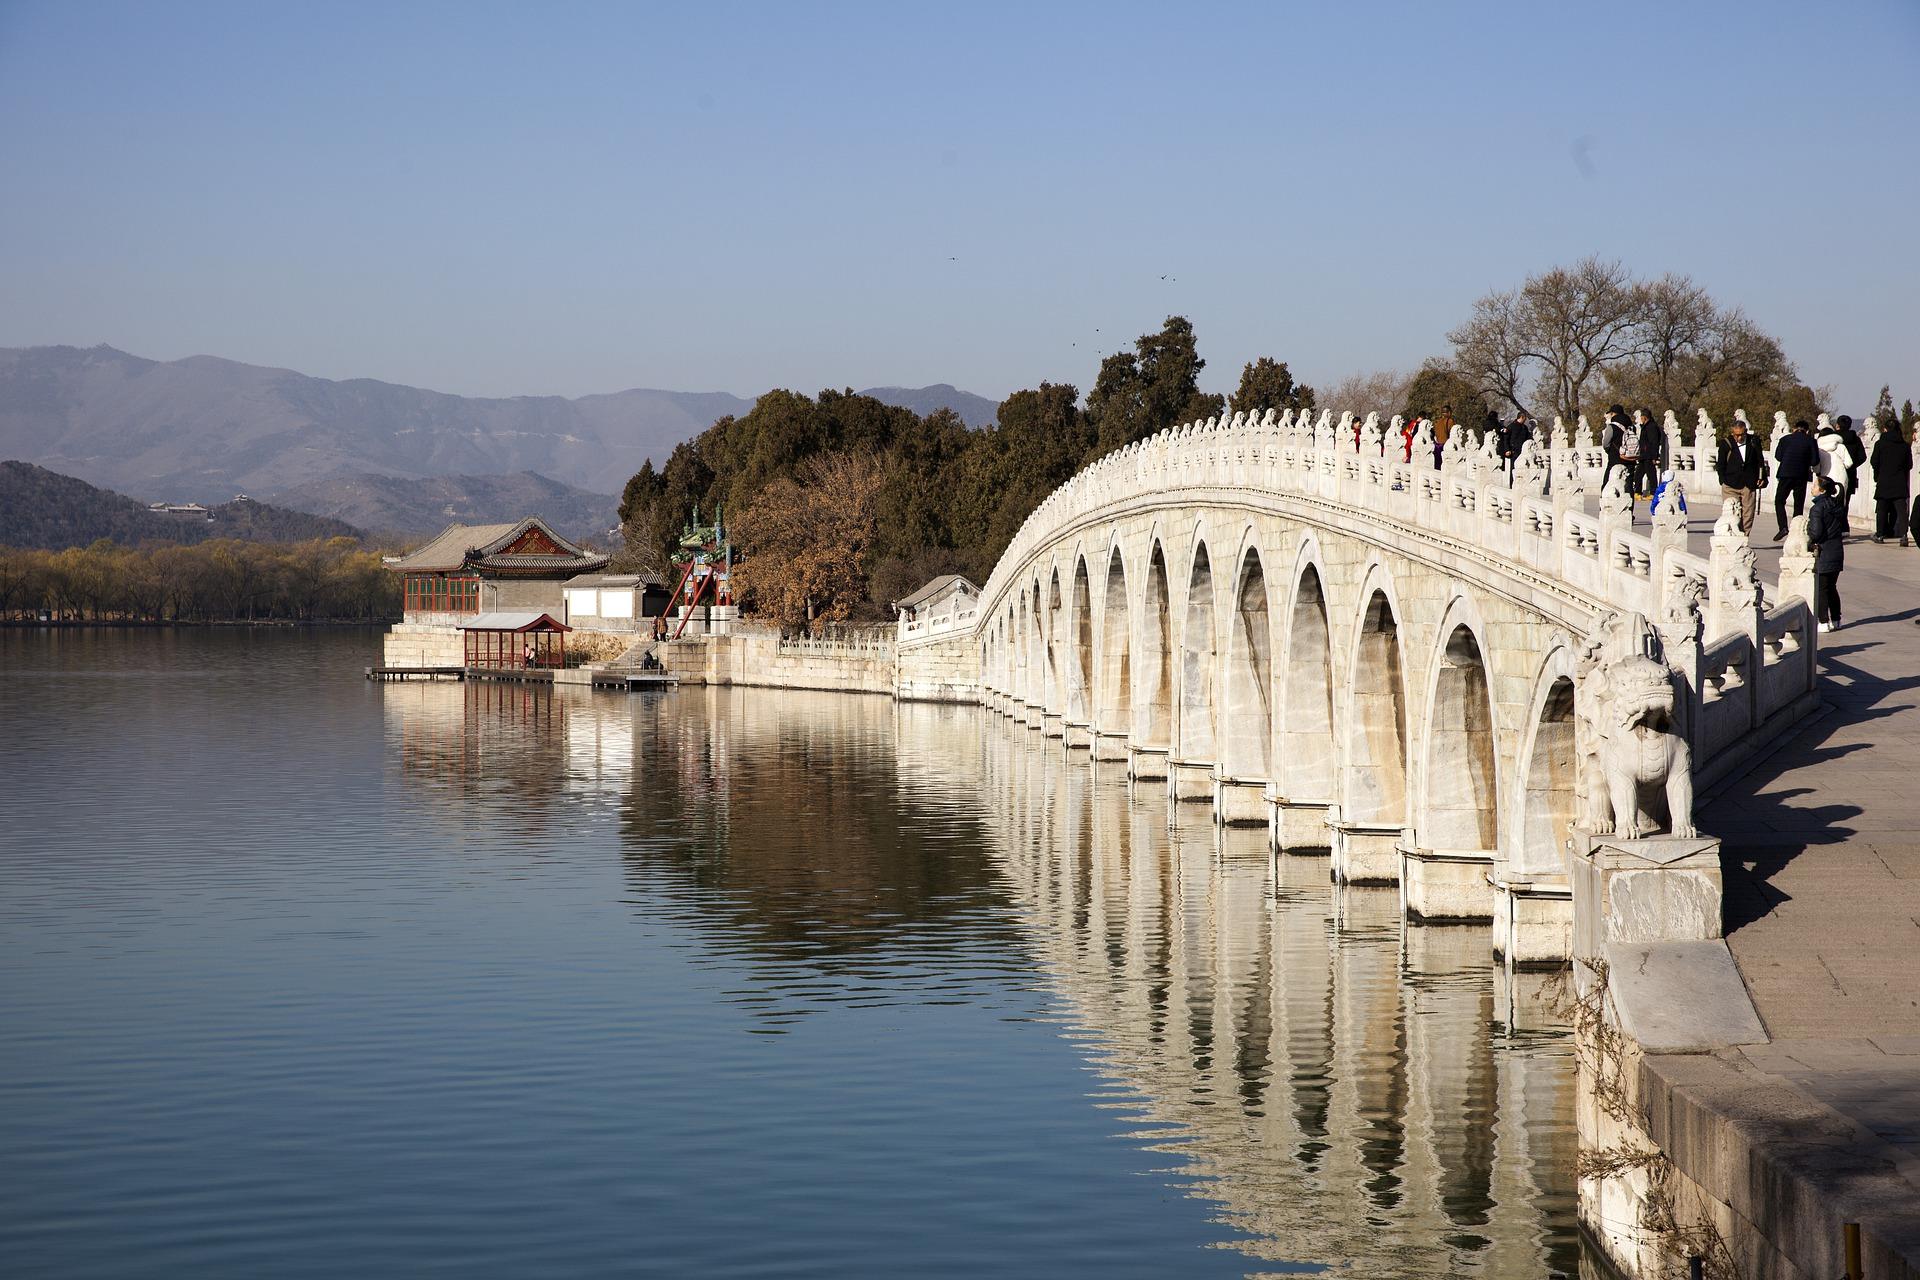 Puente sobre uno de los lagos en el Palacio de verano